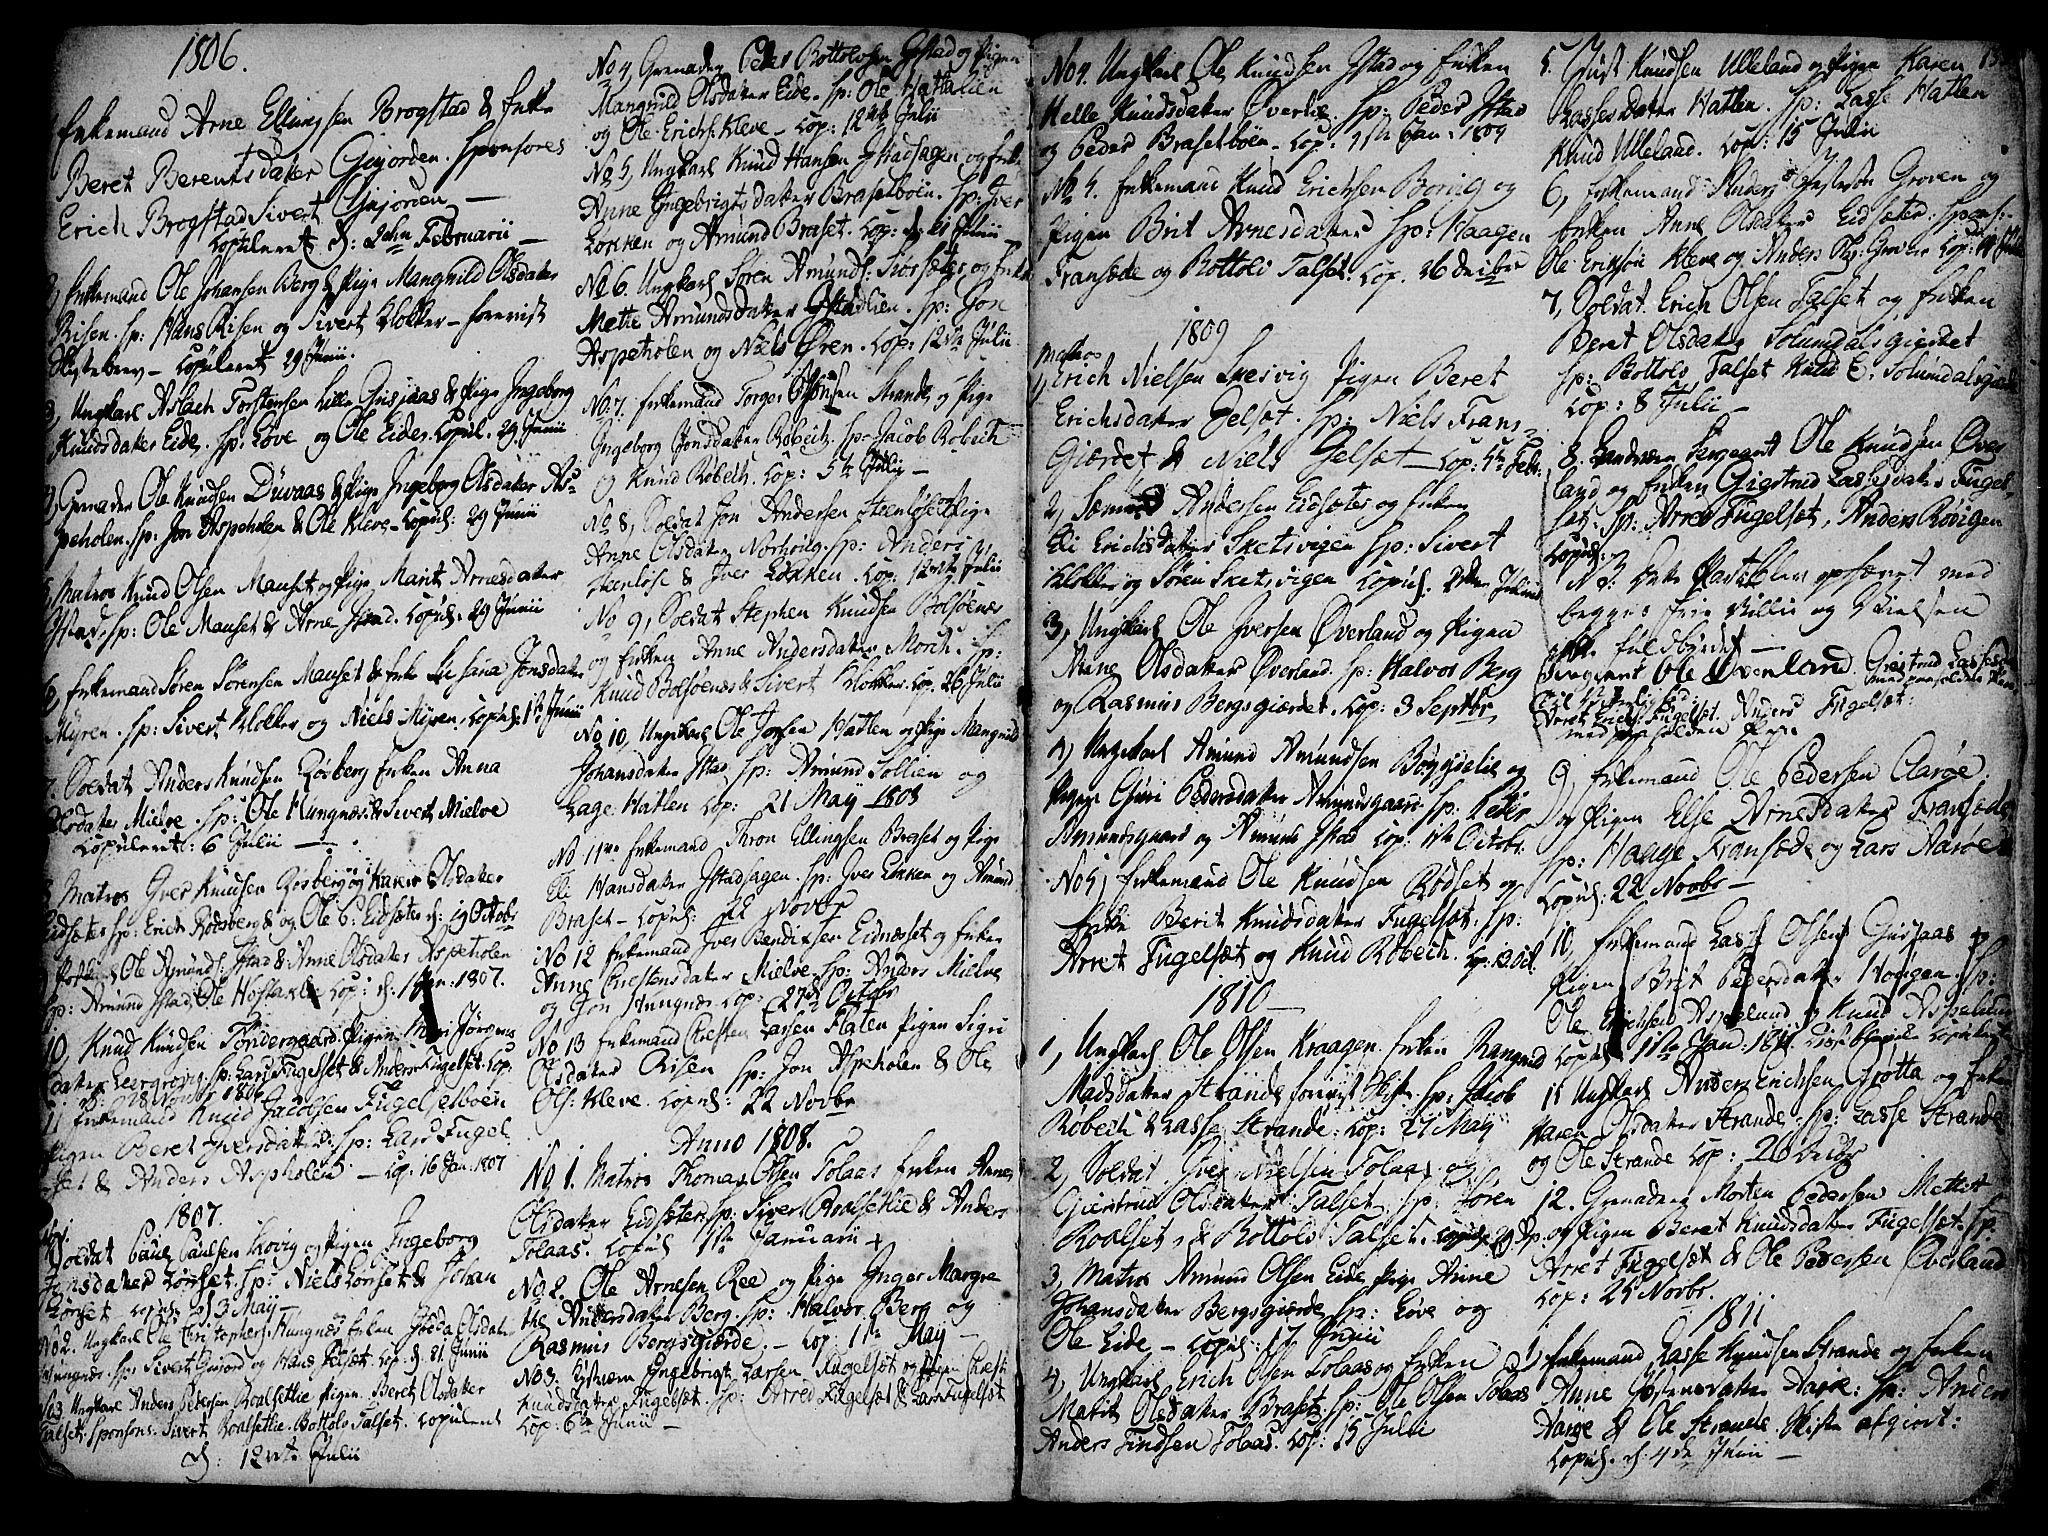 SAT, Ministerialprotokoller, klokkerbøker og fødselsregistre - Møre og Romsdal, 555/L0650: Ministerialbok nr. 555A02 /2, 1798-1821, s. 139